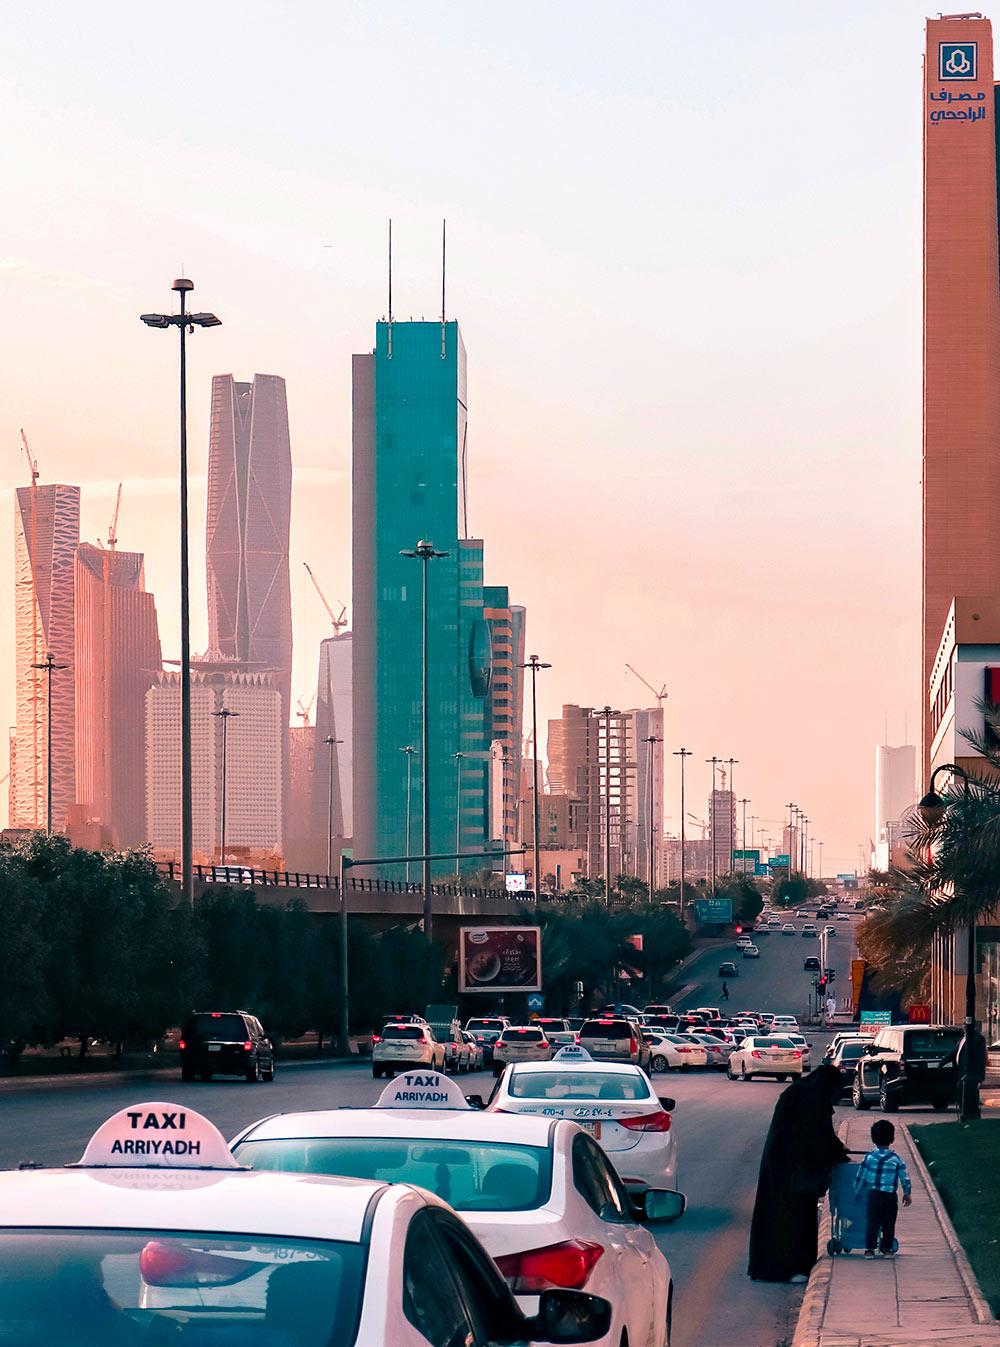 Городское такси обычно белого цвета, на шильдике на крыше написано название города, в котором оно работает. Фото: @rexrm